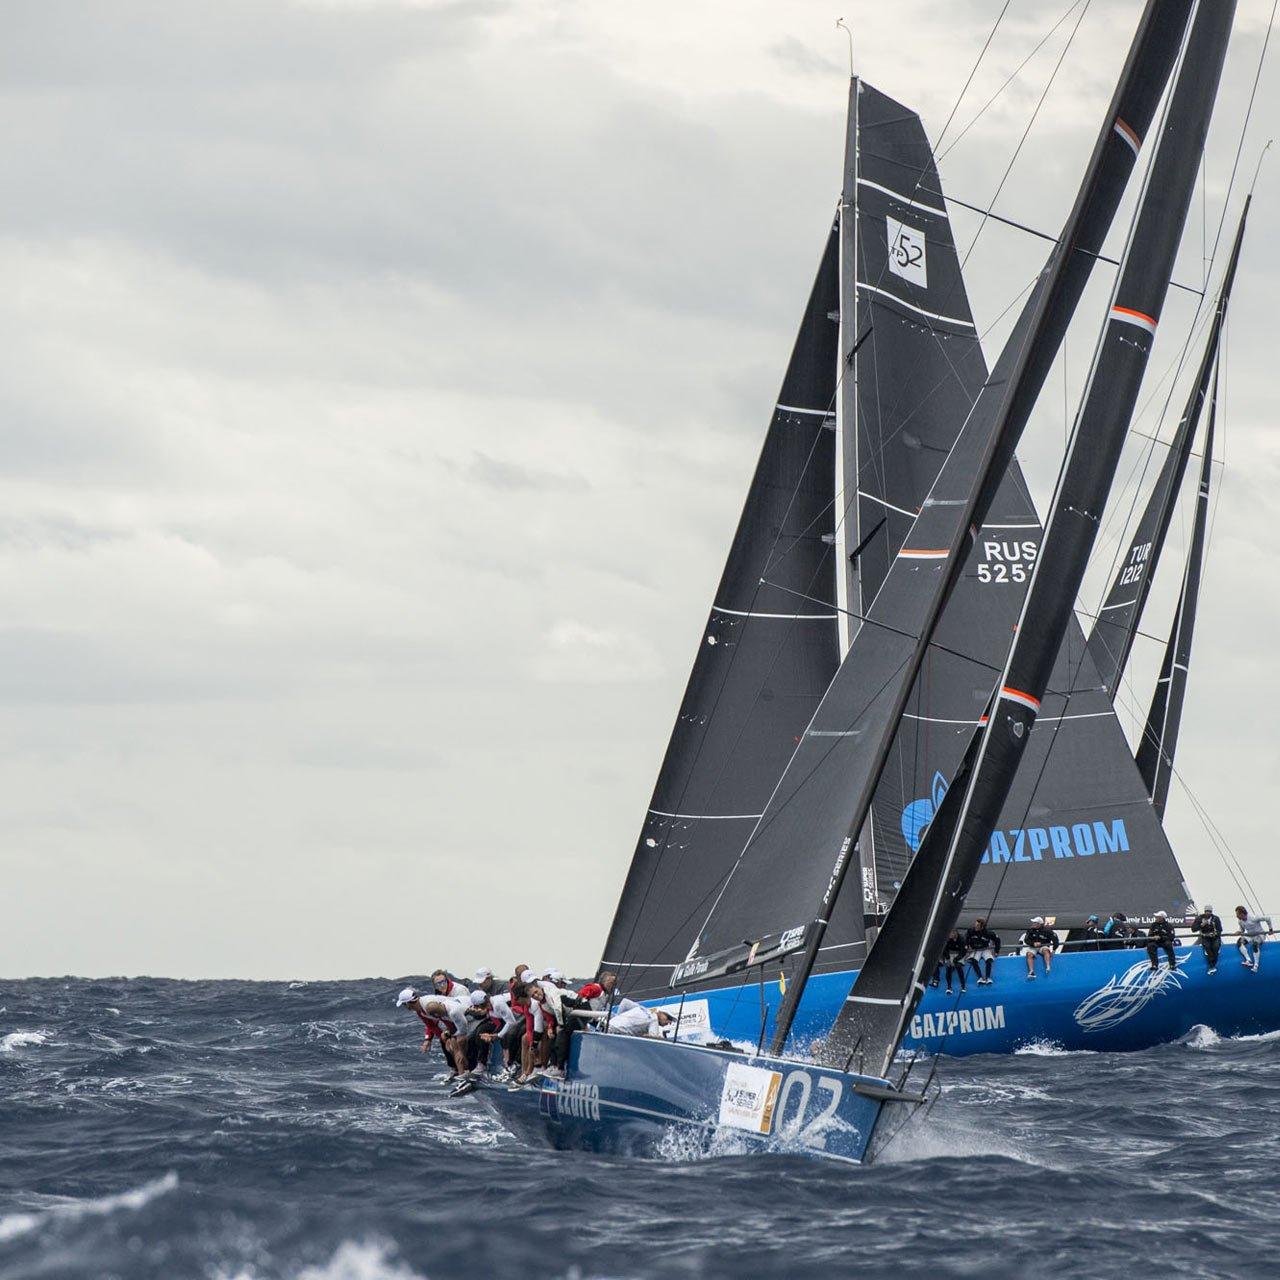 Azzurra, una barca<br>che non ha bisogno<br>di presentazione.